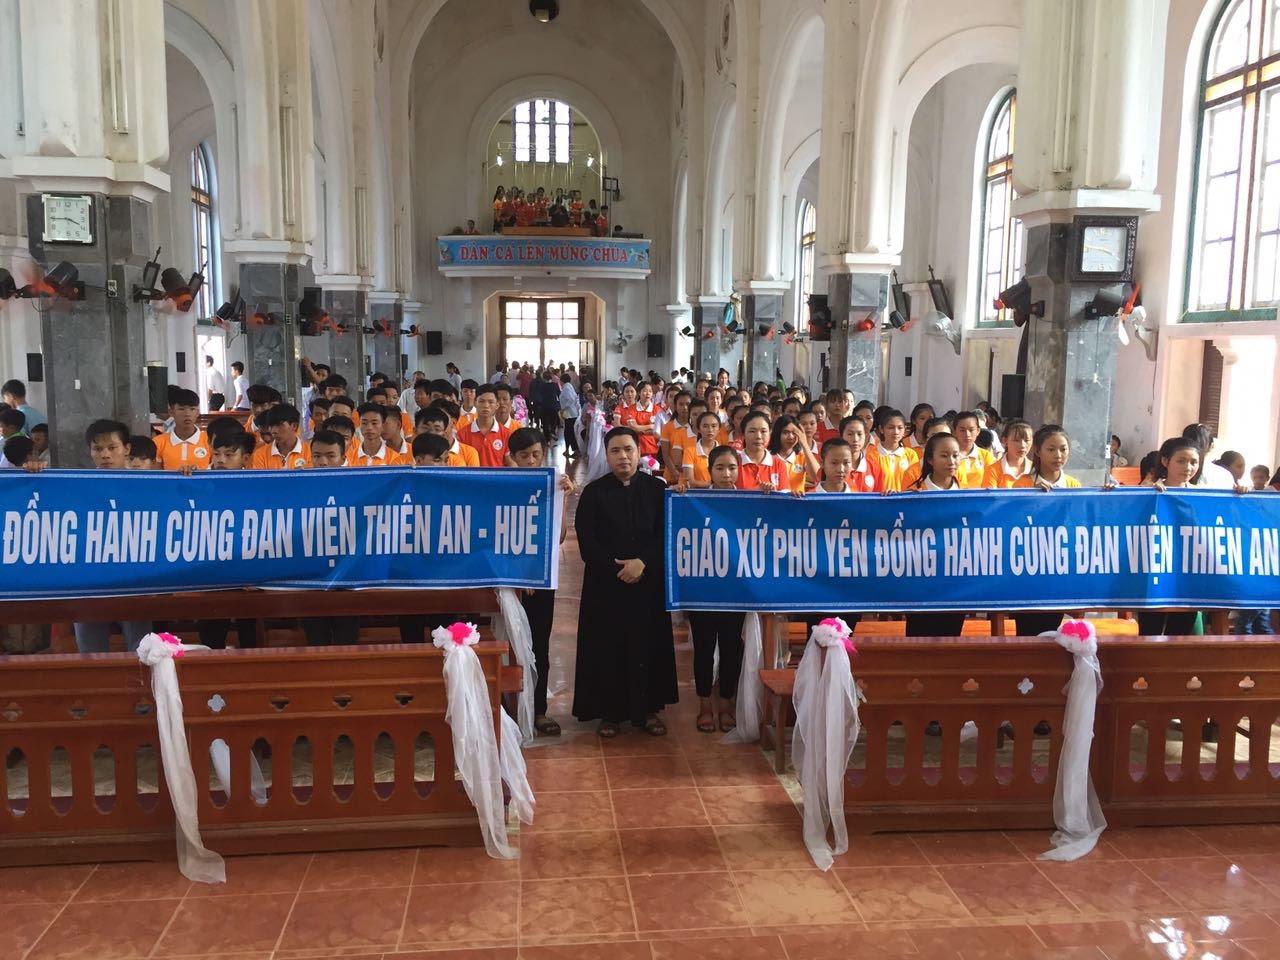 Giới trẻ giáo xứ Phú Yên đồng hành cùng Đan viện Thiên An